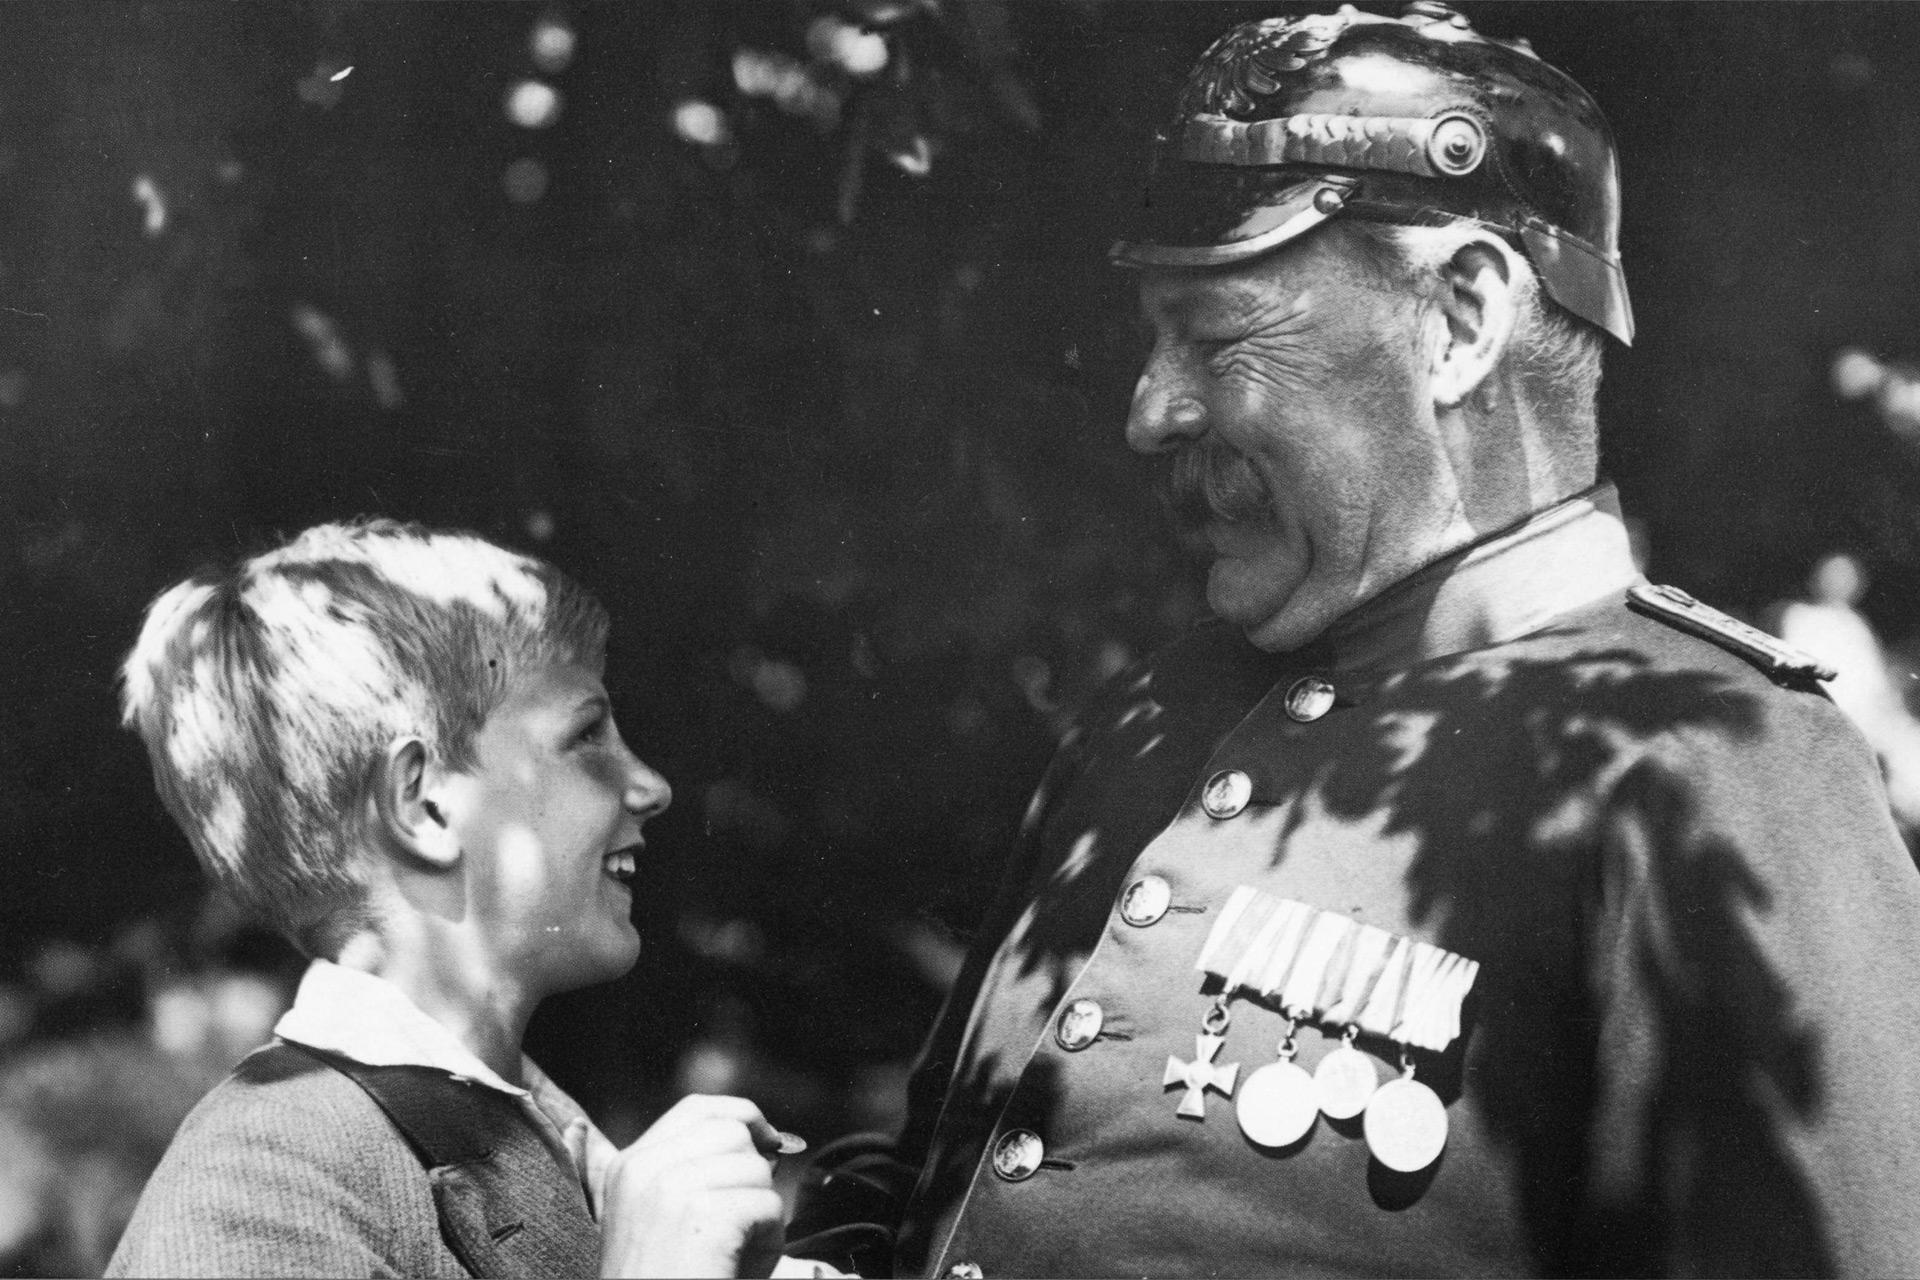 Emil Und Die Detektive 1931